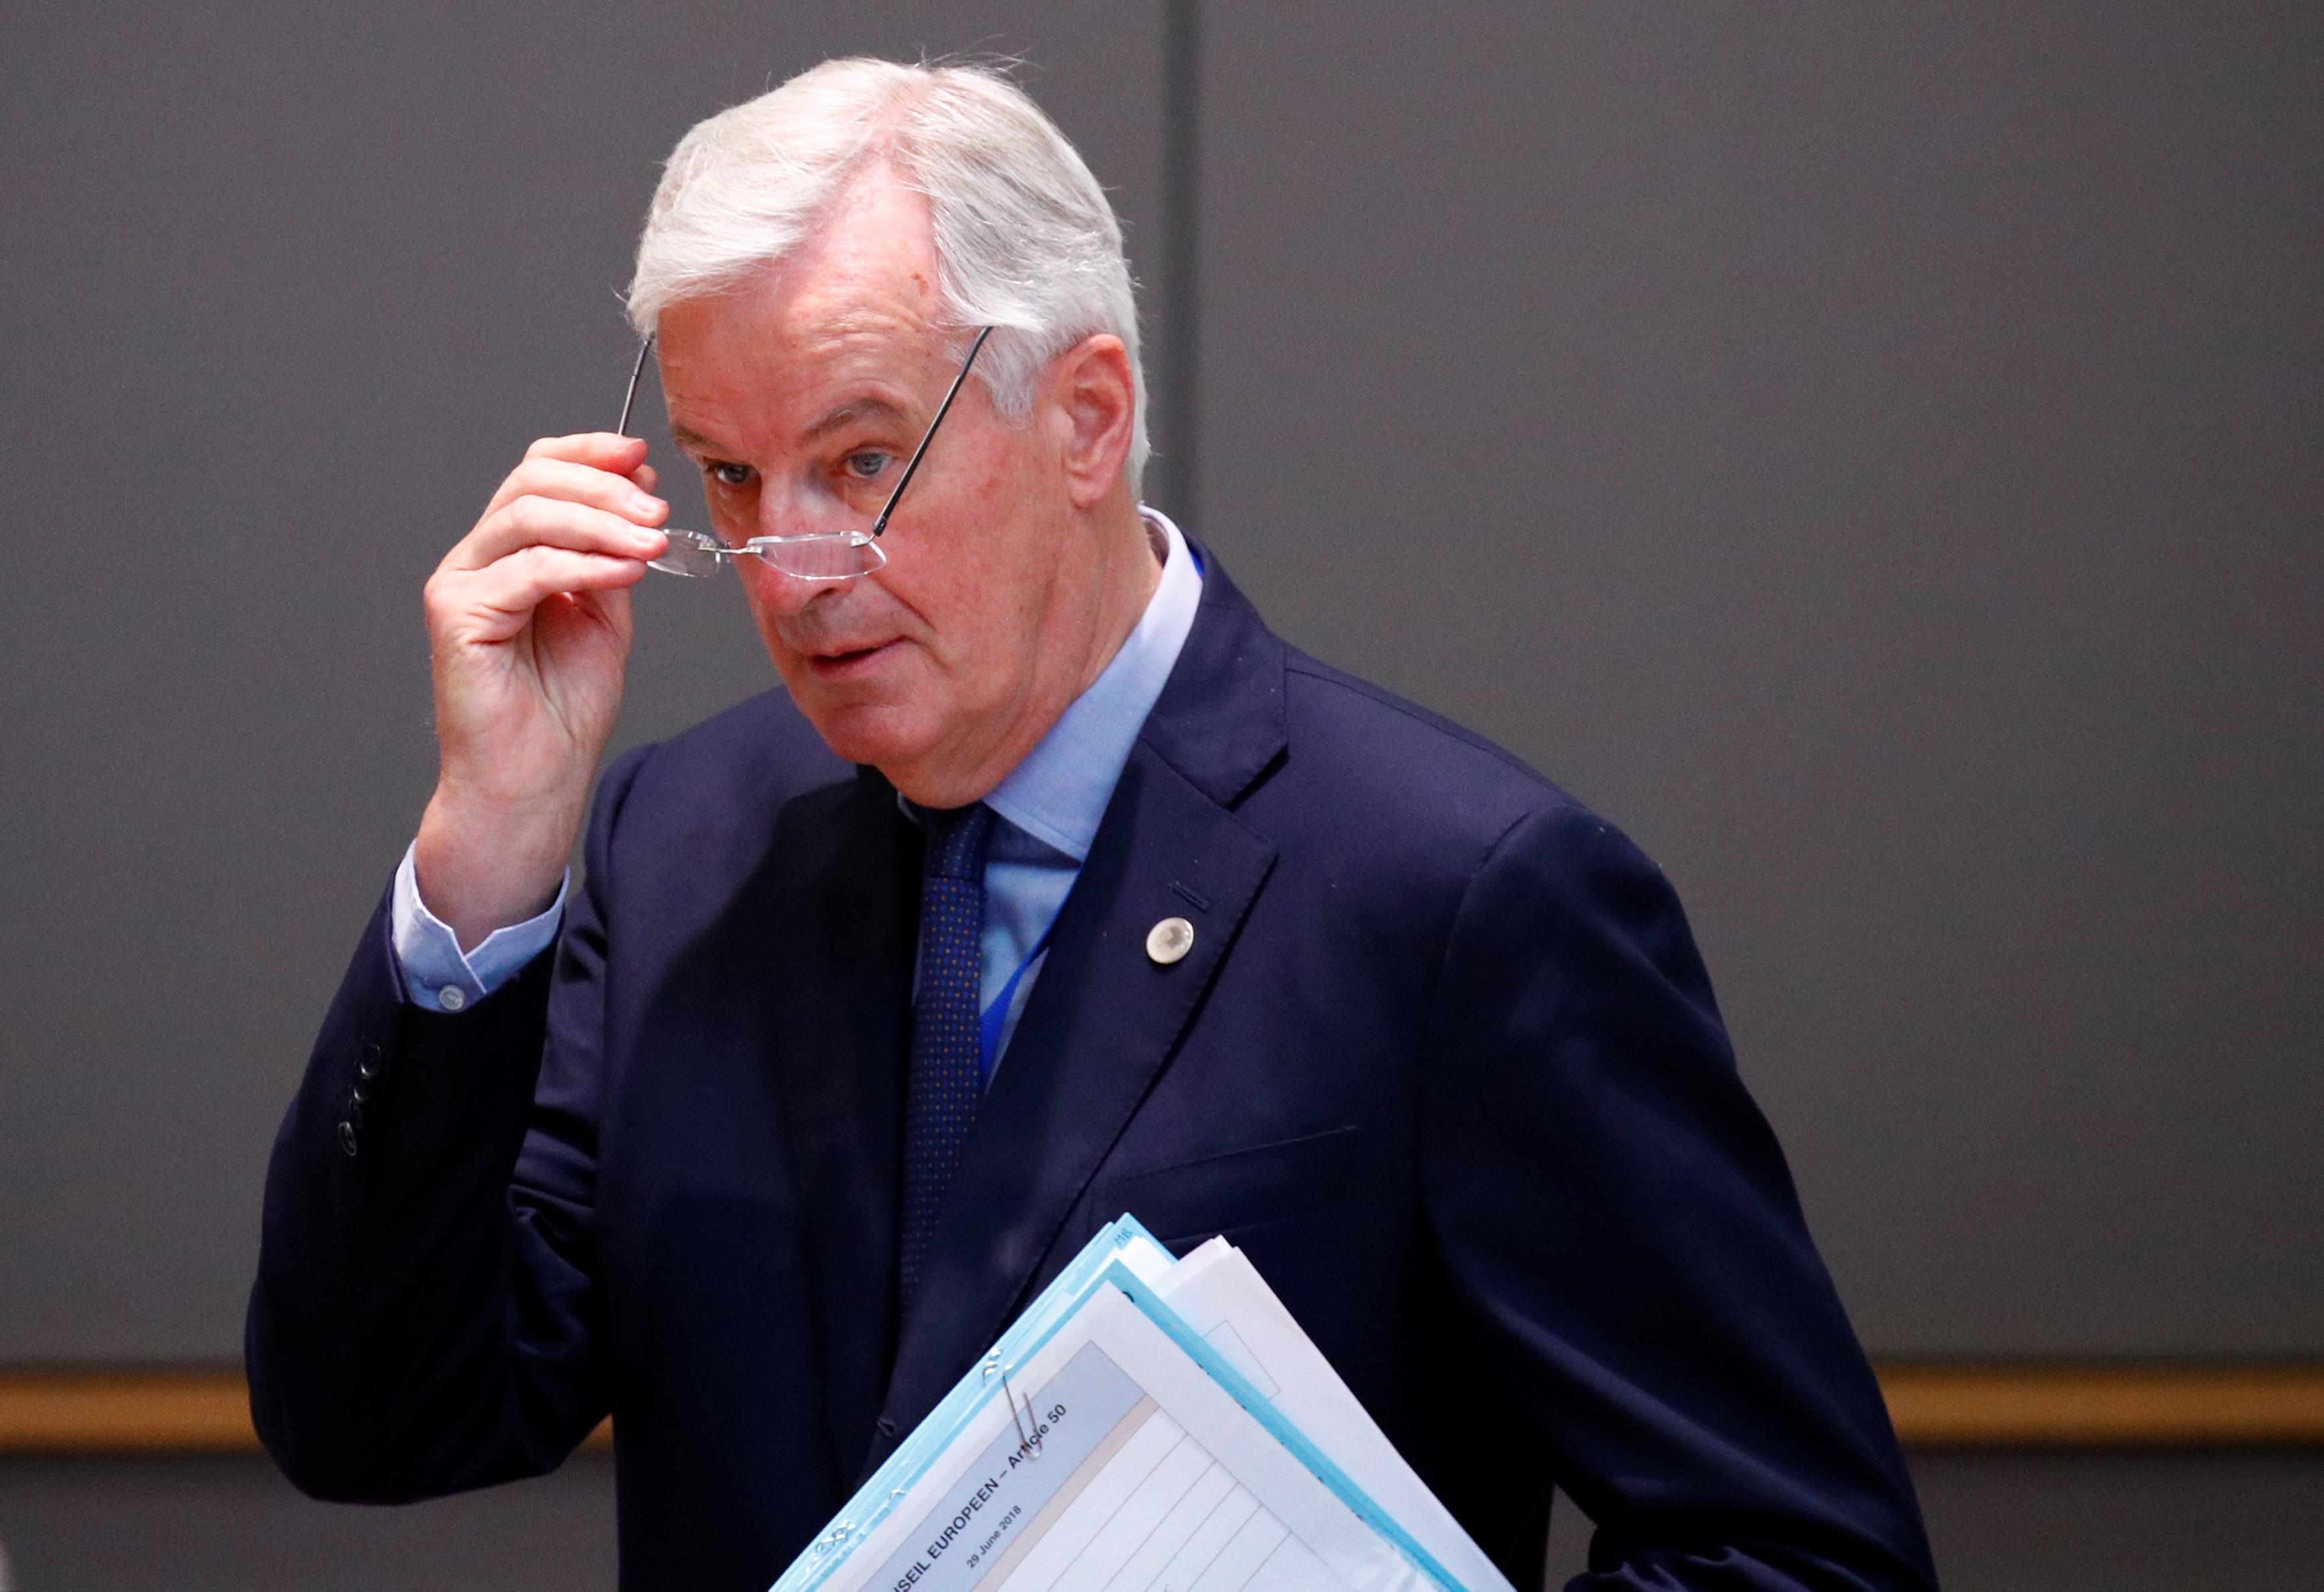 Barnier de la UE dice que evaluará las propuestas de Brexit para ver si son 'factibles y realistas' - Twitter